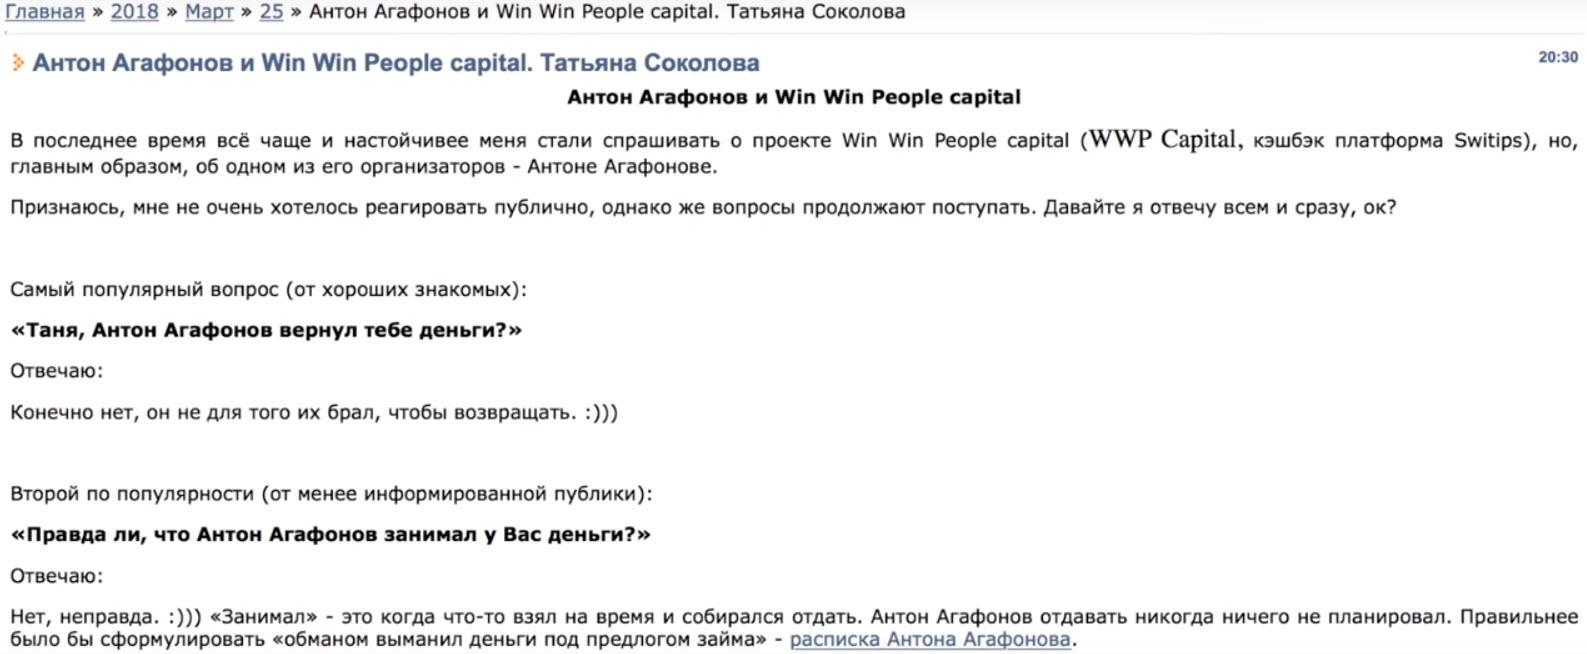 Обвинение в обмане Антона Агафонова